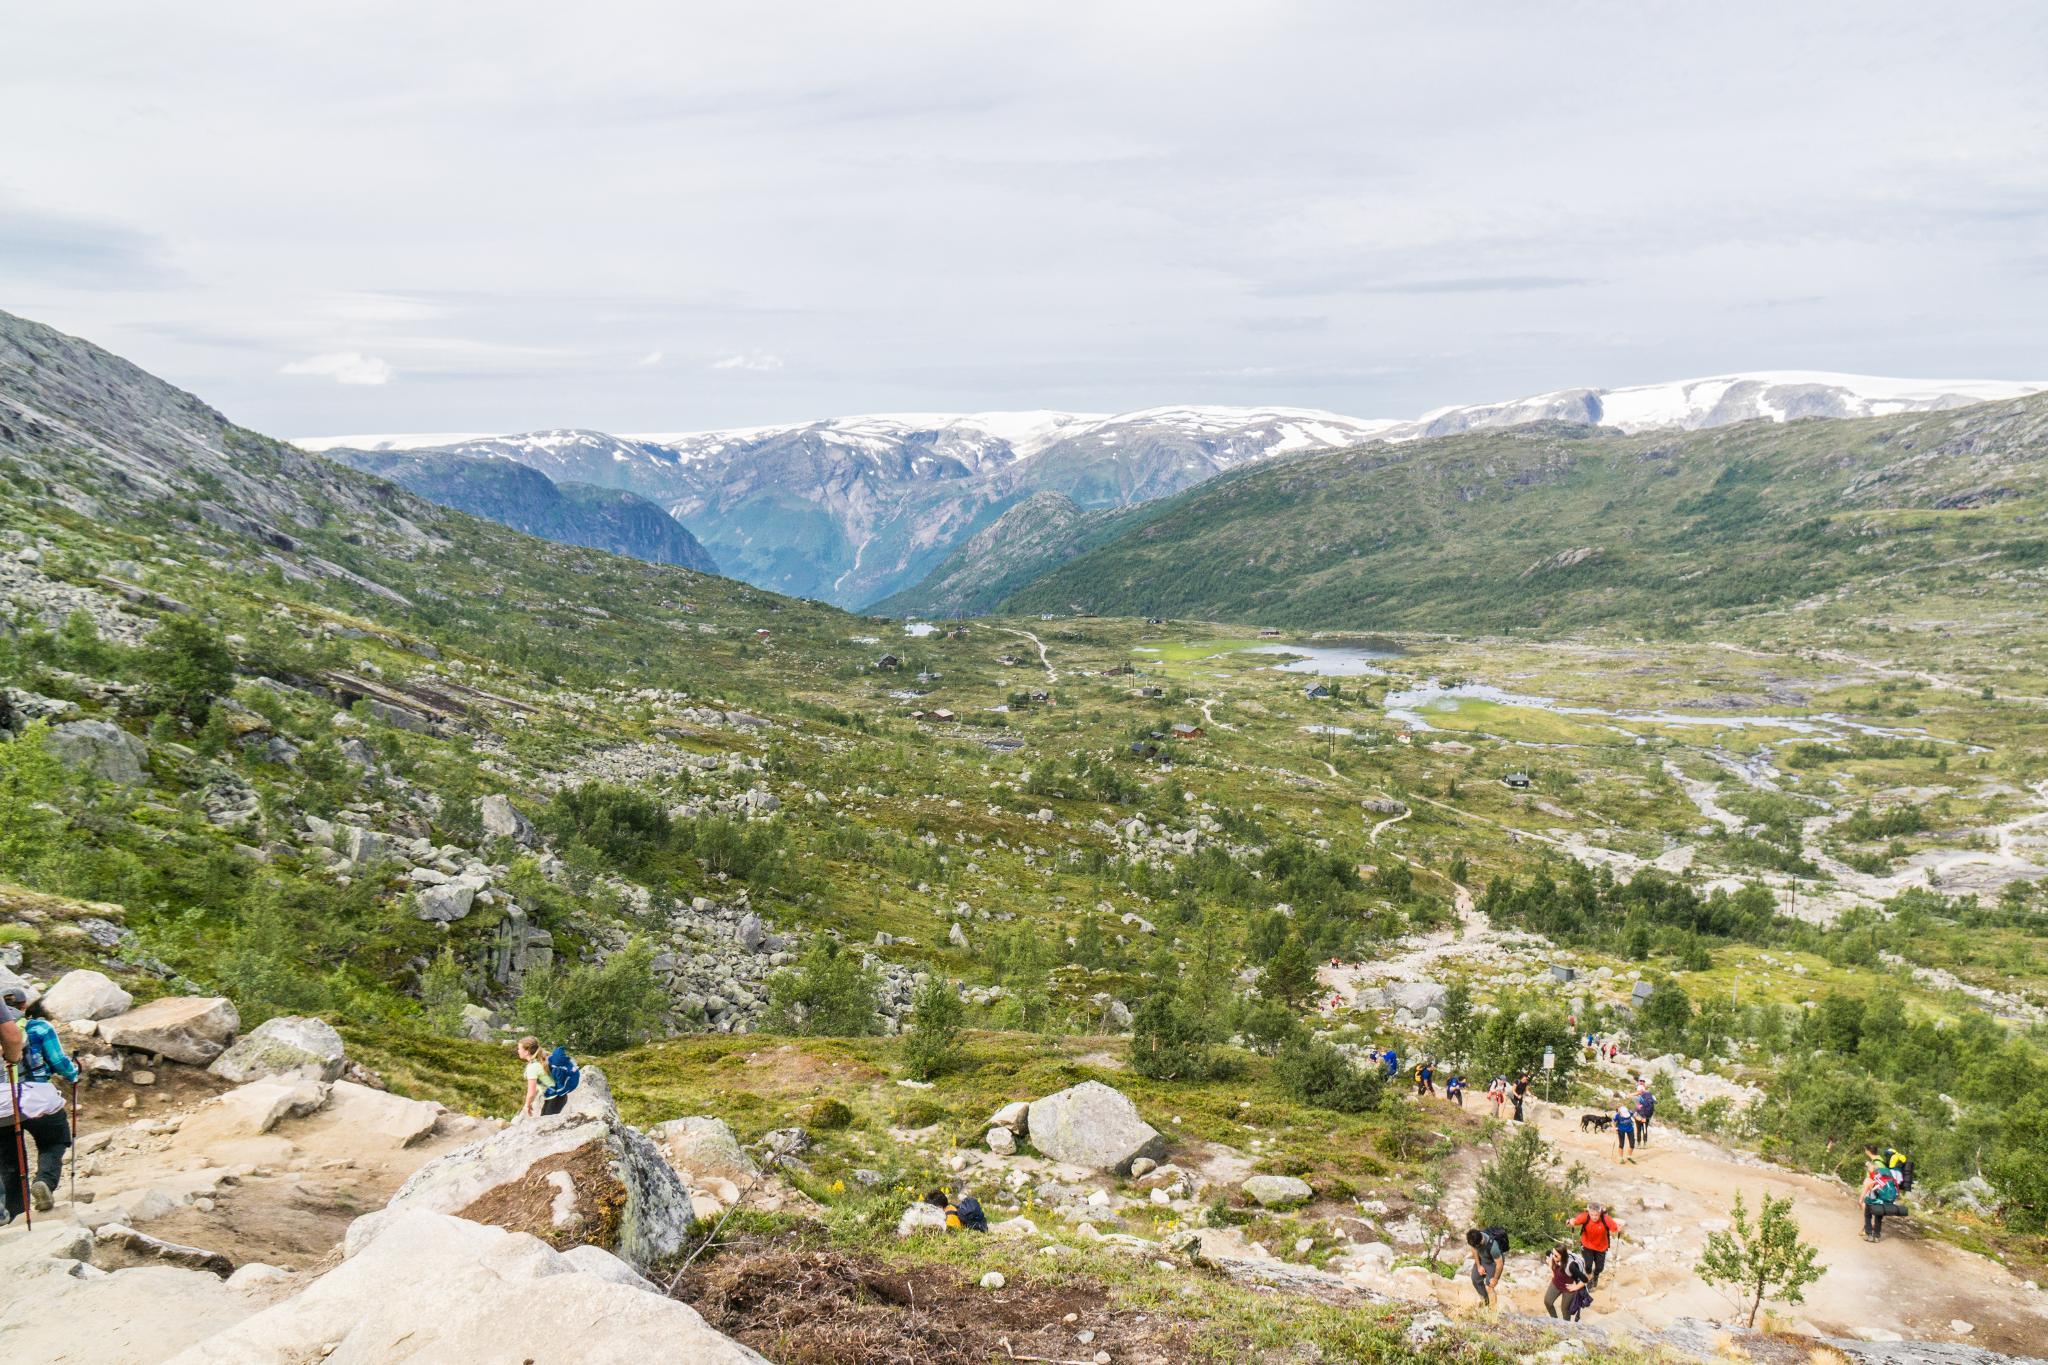 【北歐景點】挪威惡魔之舌 Trolltunga — 28公里健行挑戰全攻略 192